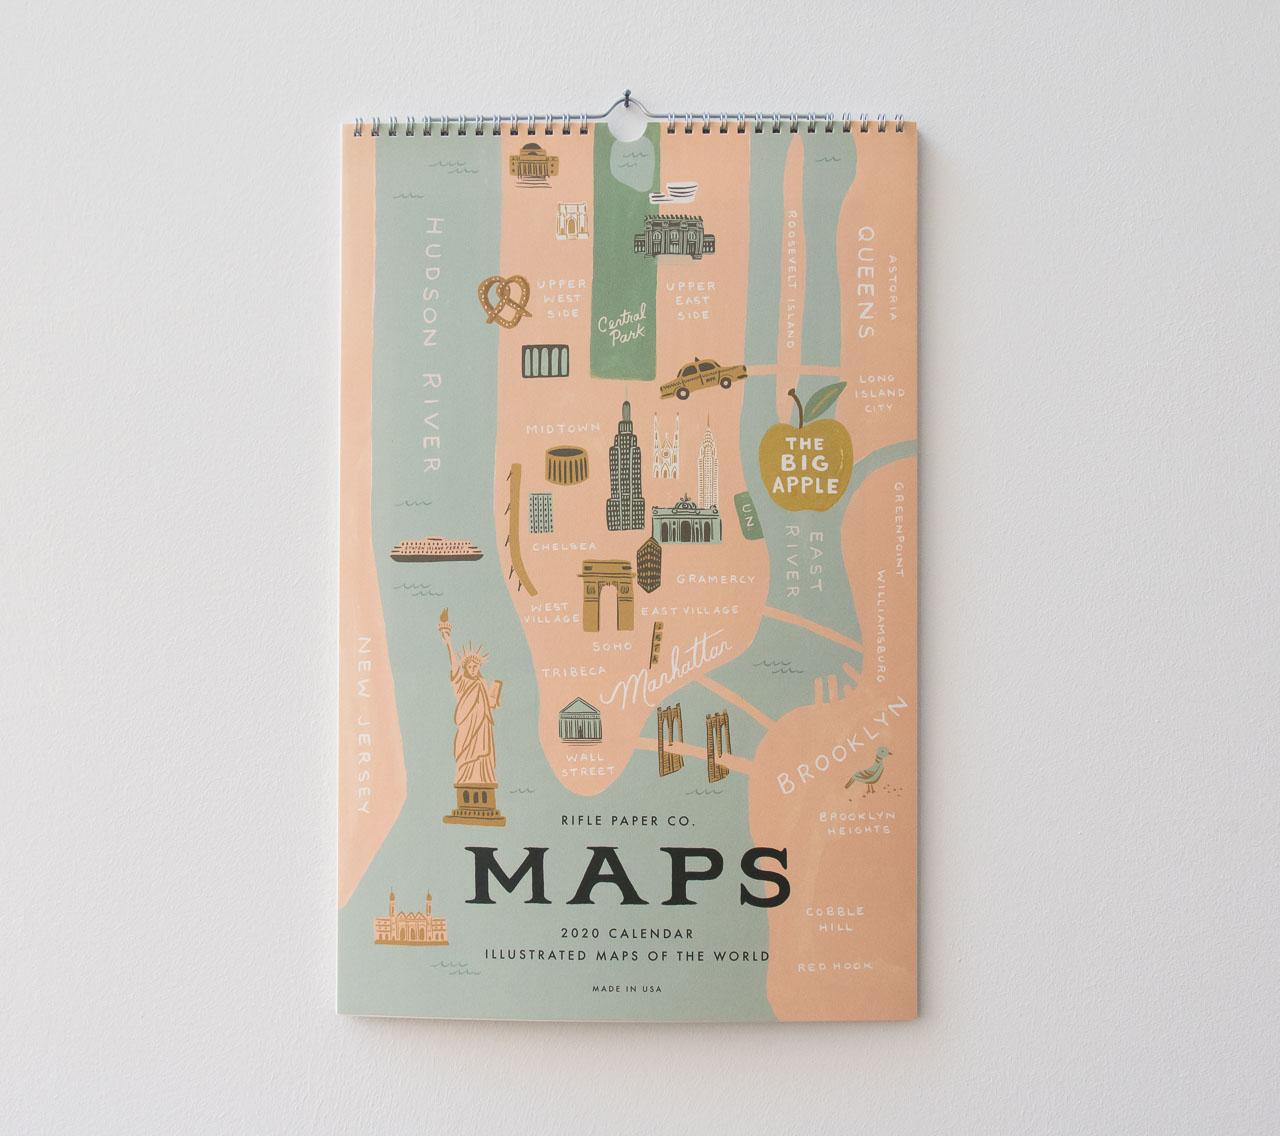 Calendrier City.Calendrier 2020 City Maps De Rifle Paper Co Chez Maison Mathuvu